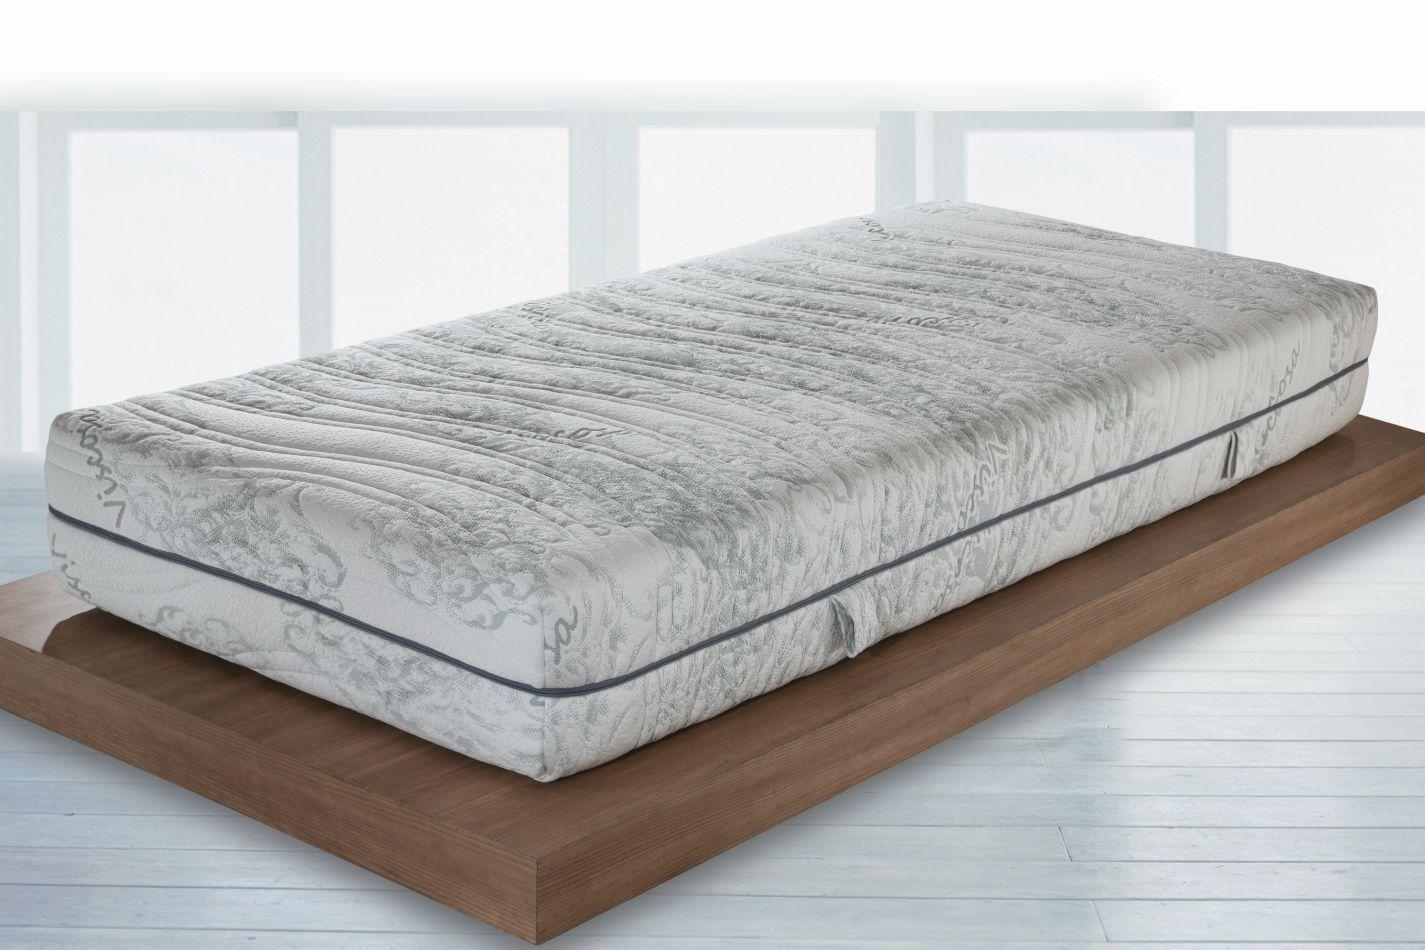 Matratze Balance Plus mit Taschen Federkern  - Abmessungen: 140 x 200 cm